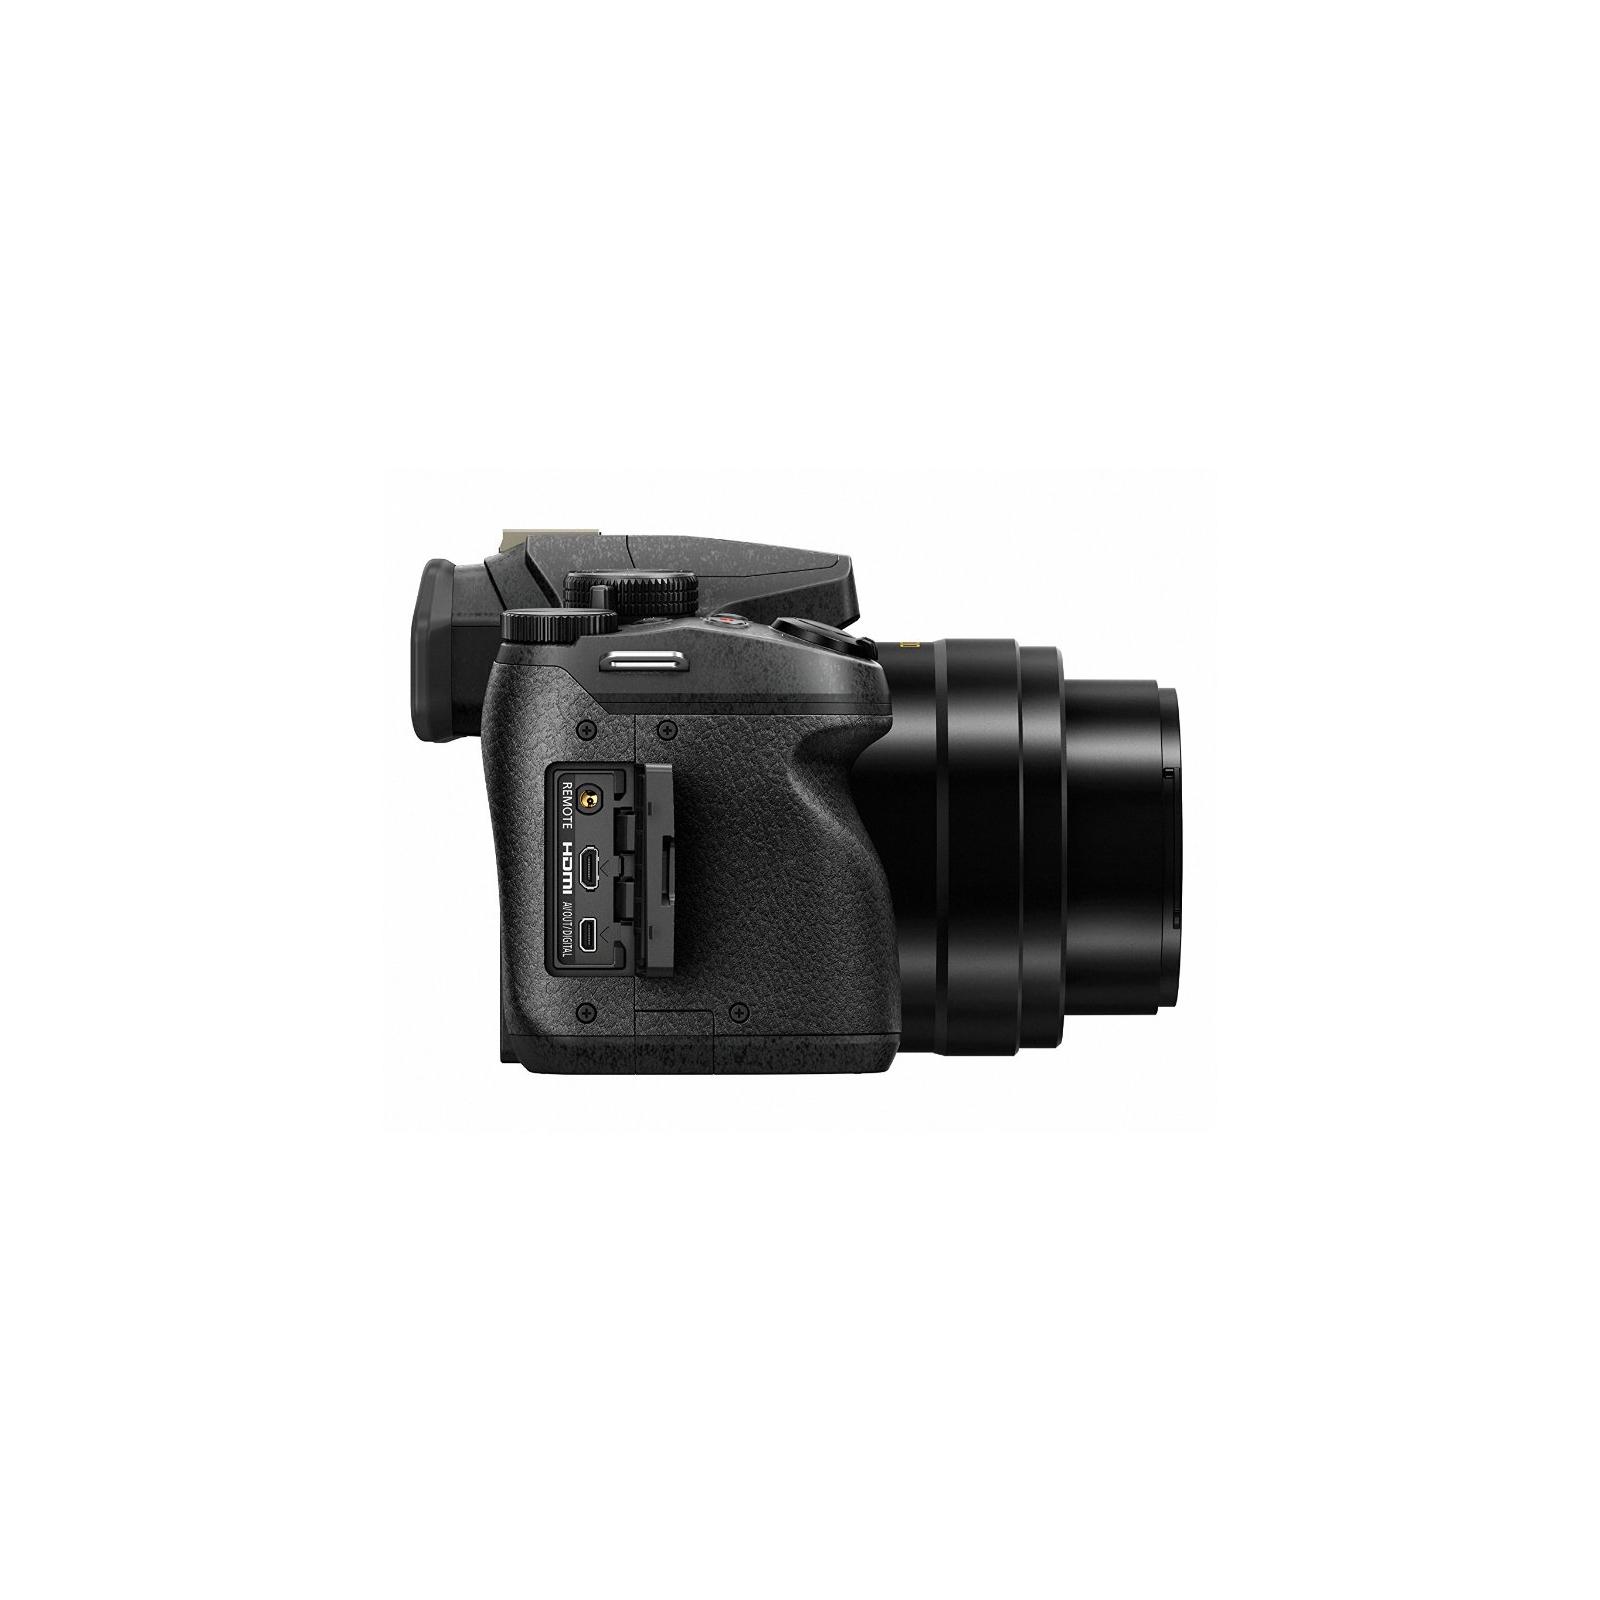 Цифровой фотоаппарат PANASONIC DMC-FZ300 (DMC-FZ300EEK) изображение 6